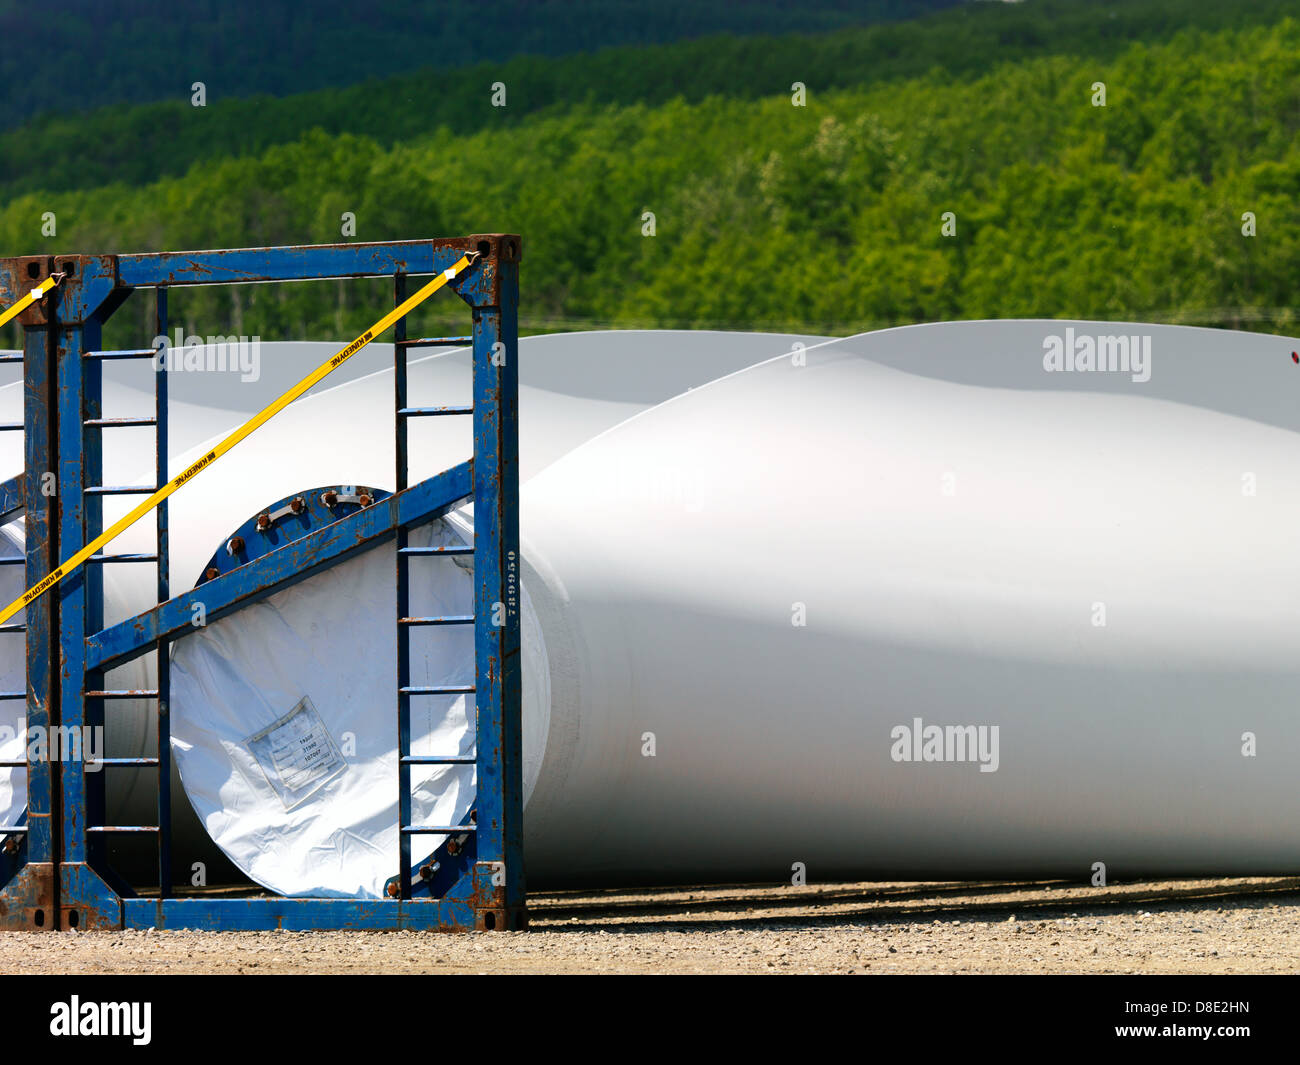 Une éolienne est un dispositif qui convertit l'énergie cinétique du vent, aussi appelé, Photo Stock